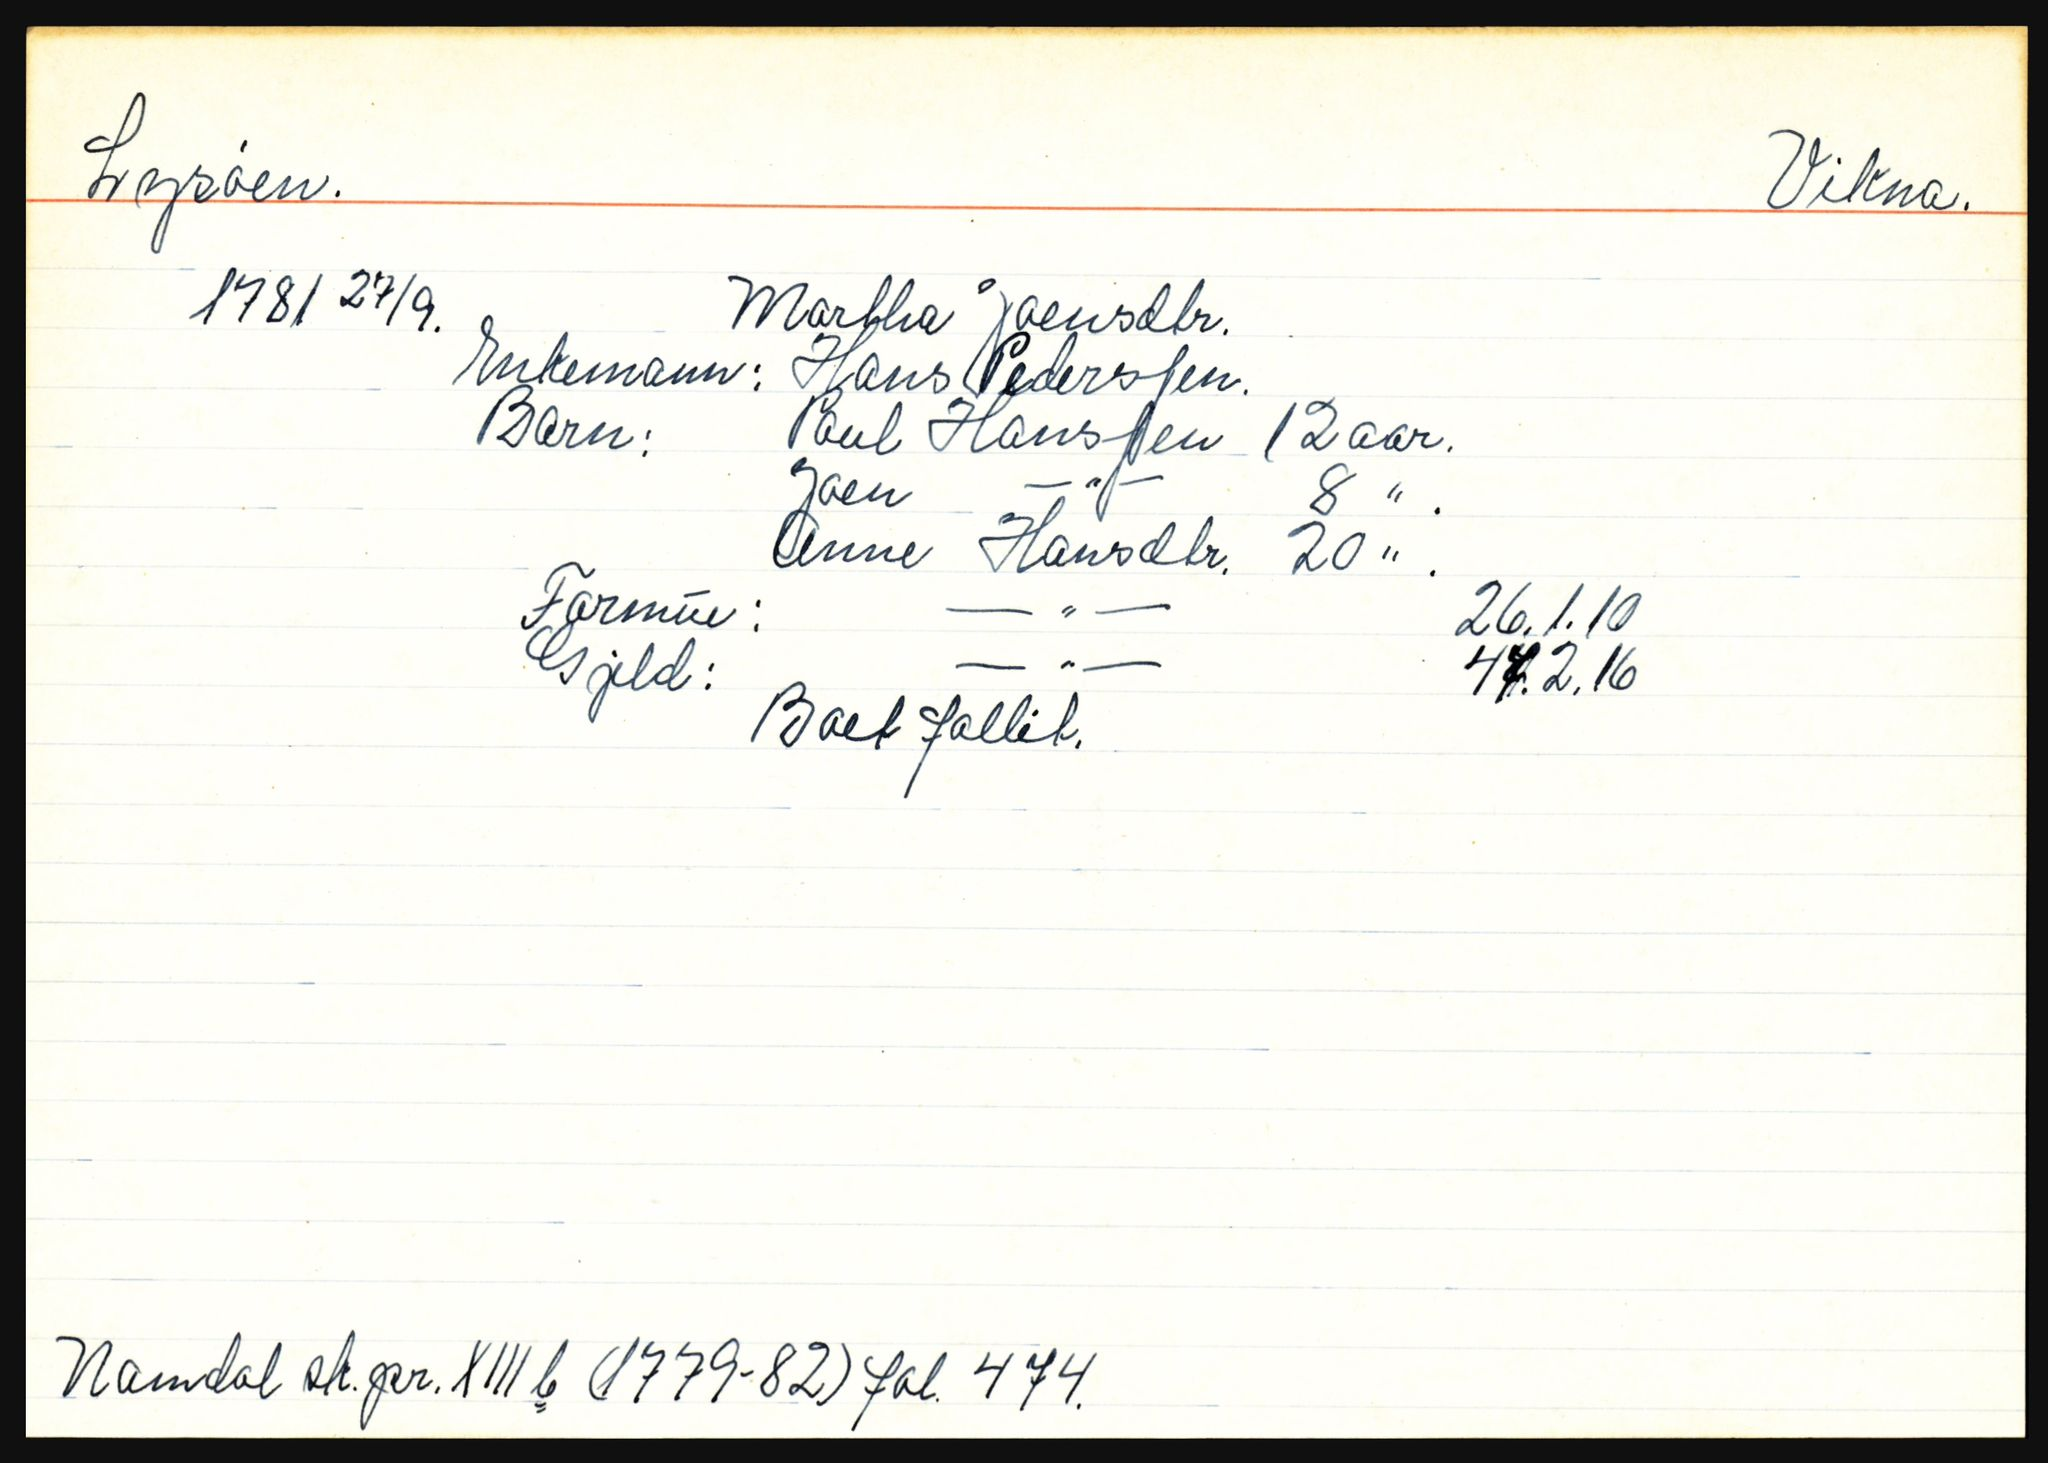 SAT, Namdal sorenskriveri, 3, 1656-1803, s. 5125